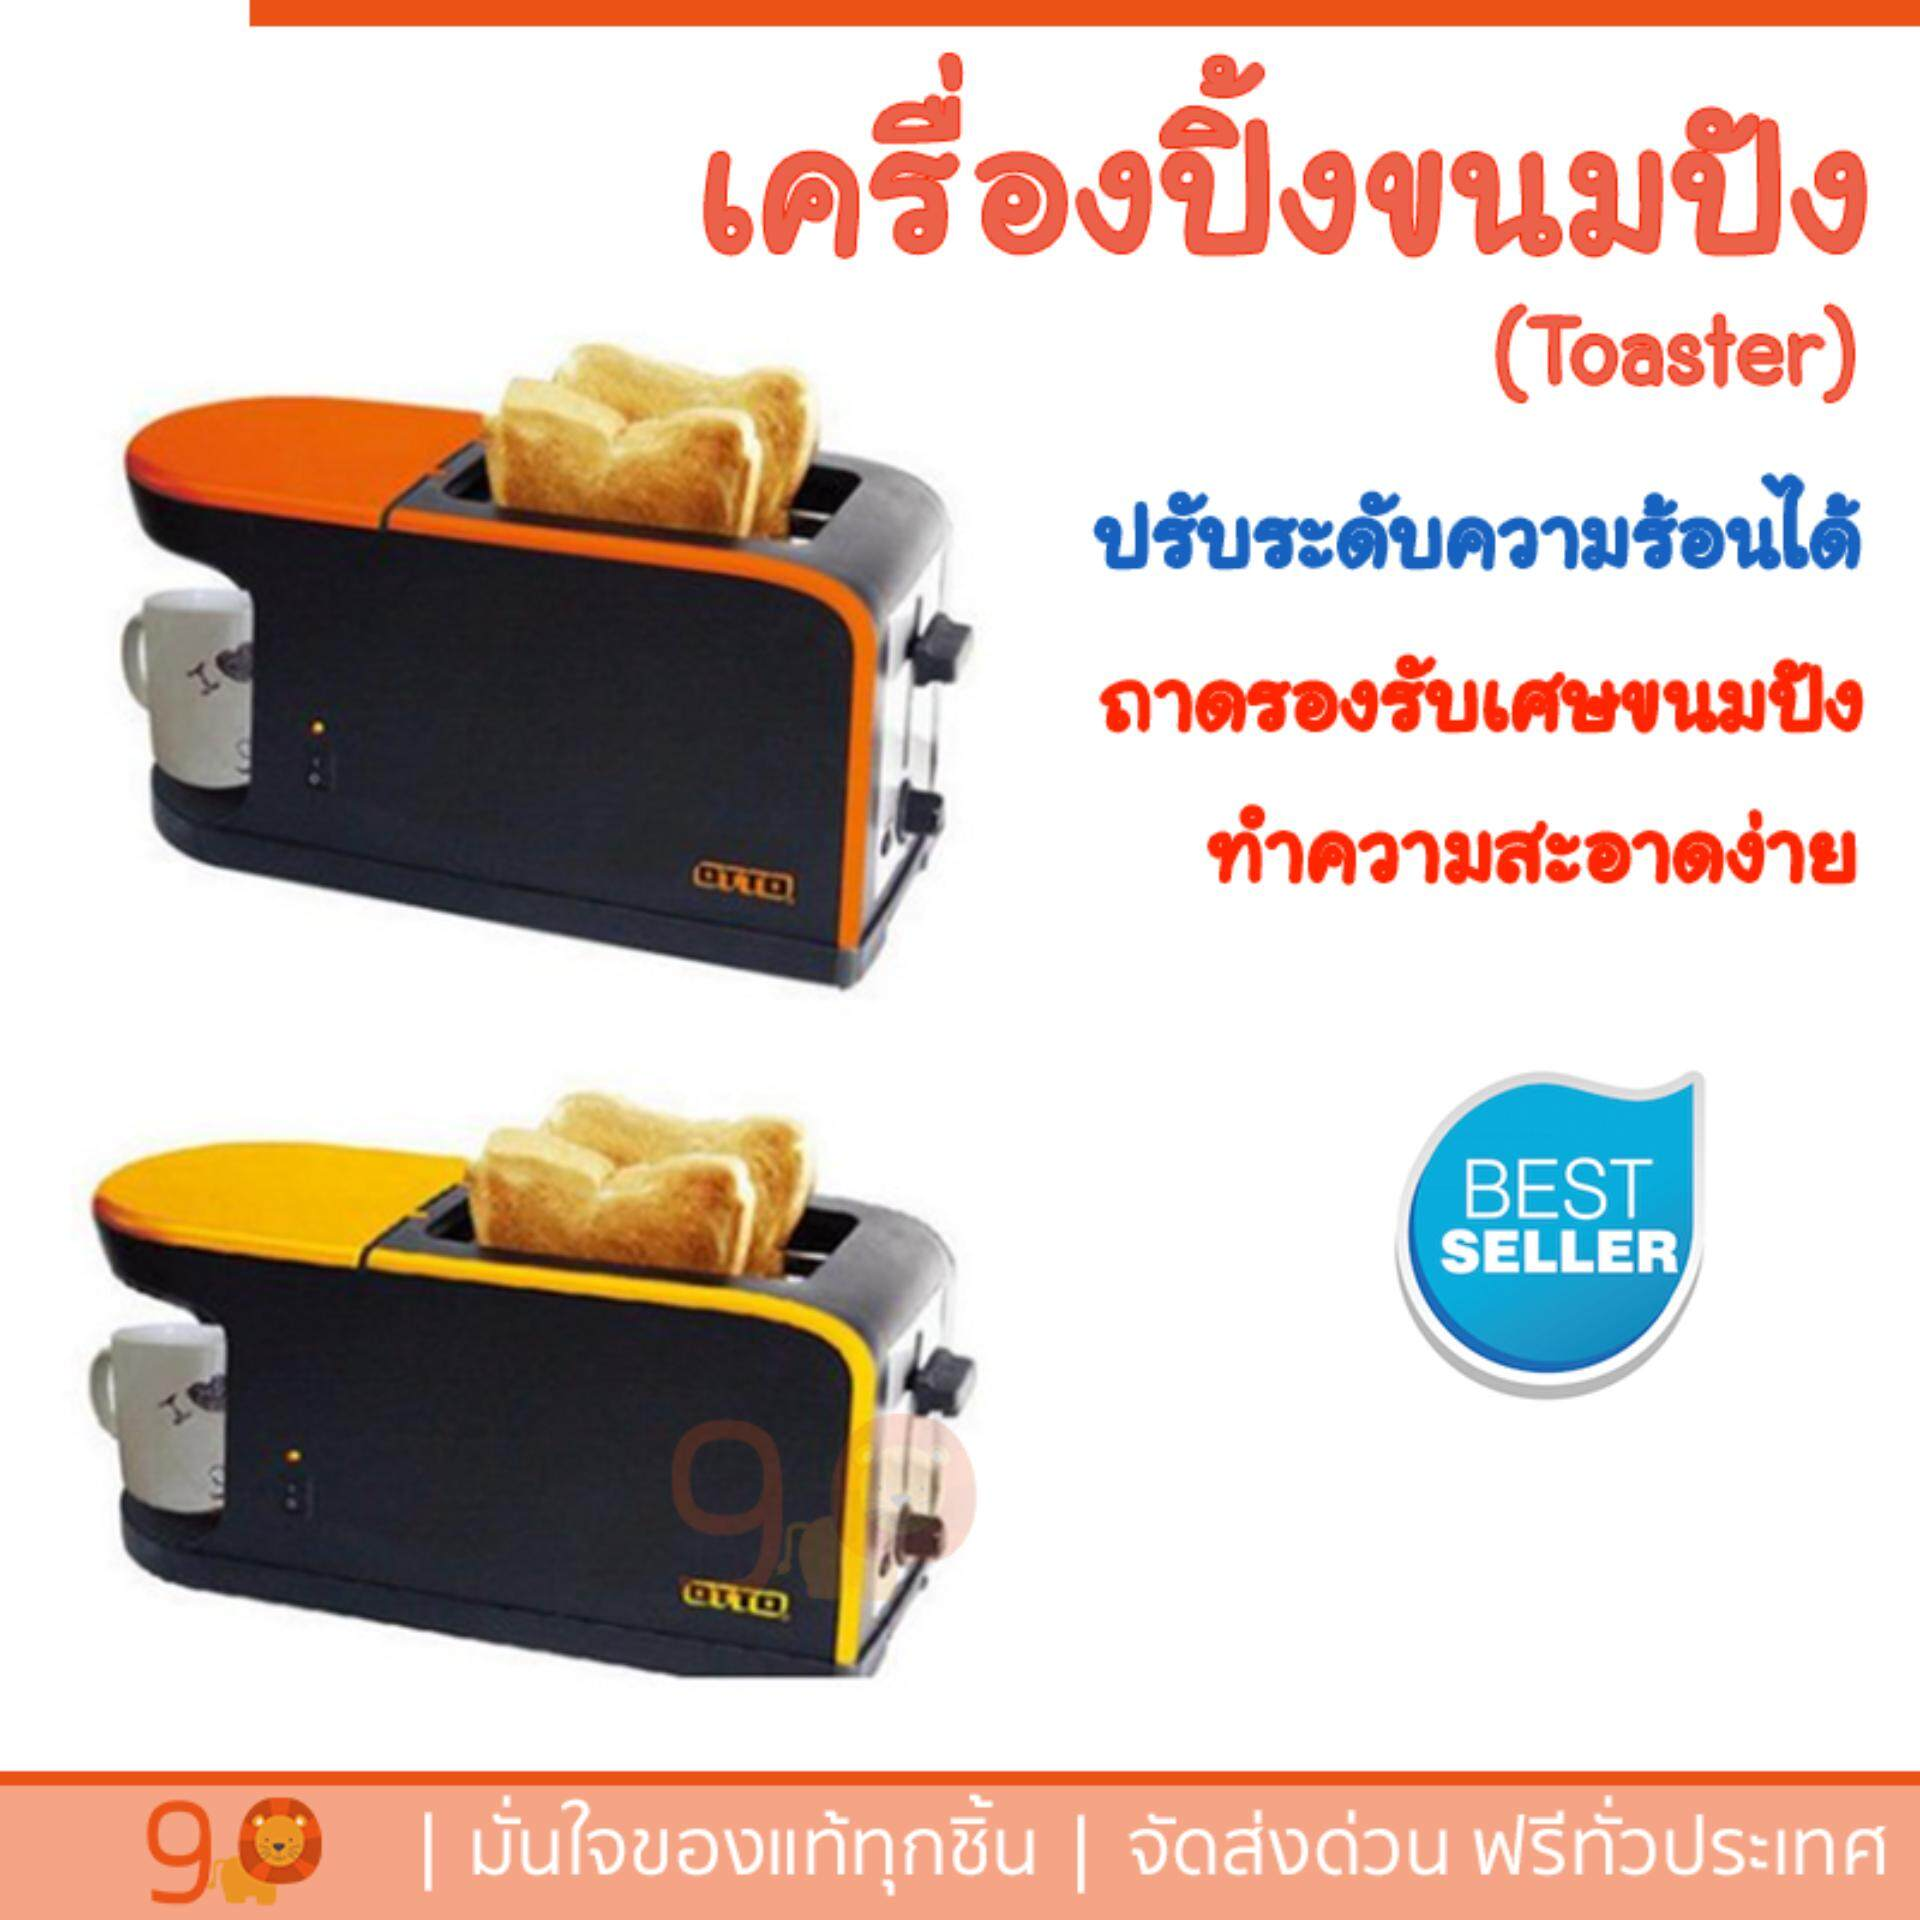 ยี่ห้อนี้ดีไหม  สมุทรปราการ สินค้าขายดี เครื่องปิ้งขนมปัง เครื่องปิ้งขนมปัง OTTO CM-020 2PC  OTTO  CM-020 สุกทั่วแผ่นพร้อมกัน ปรับความร้อนได้หลายระดับ ครื่องปิ้งขนมปังอัตโนมัติ เครื่องทำแซนด์วิช Toasters จัดส่งฟรีทั่วประเทศ